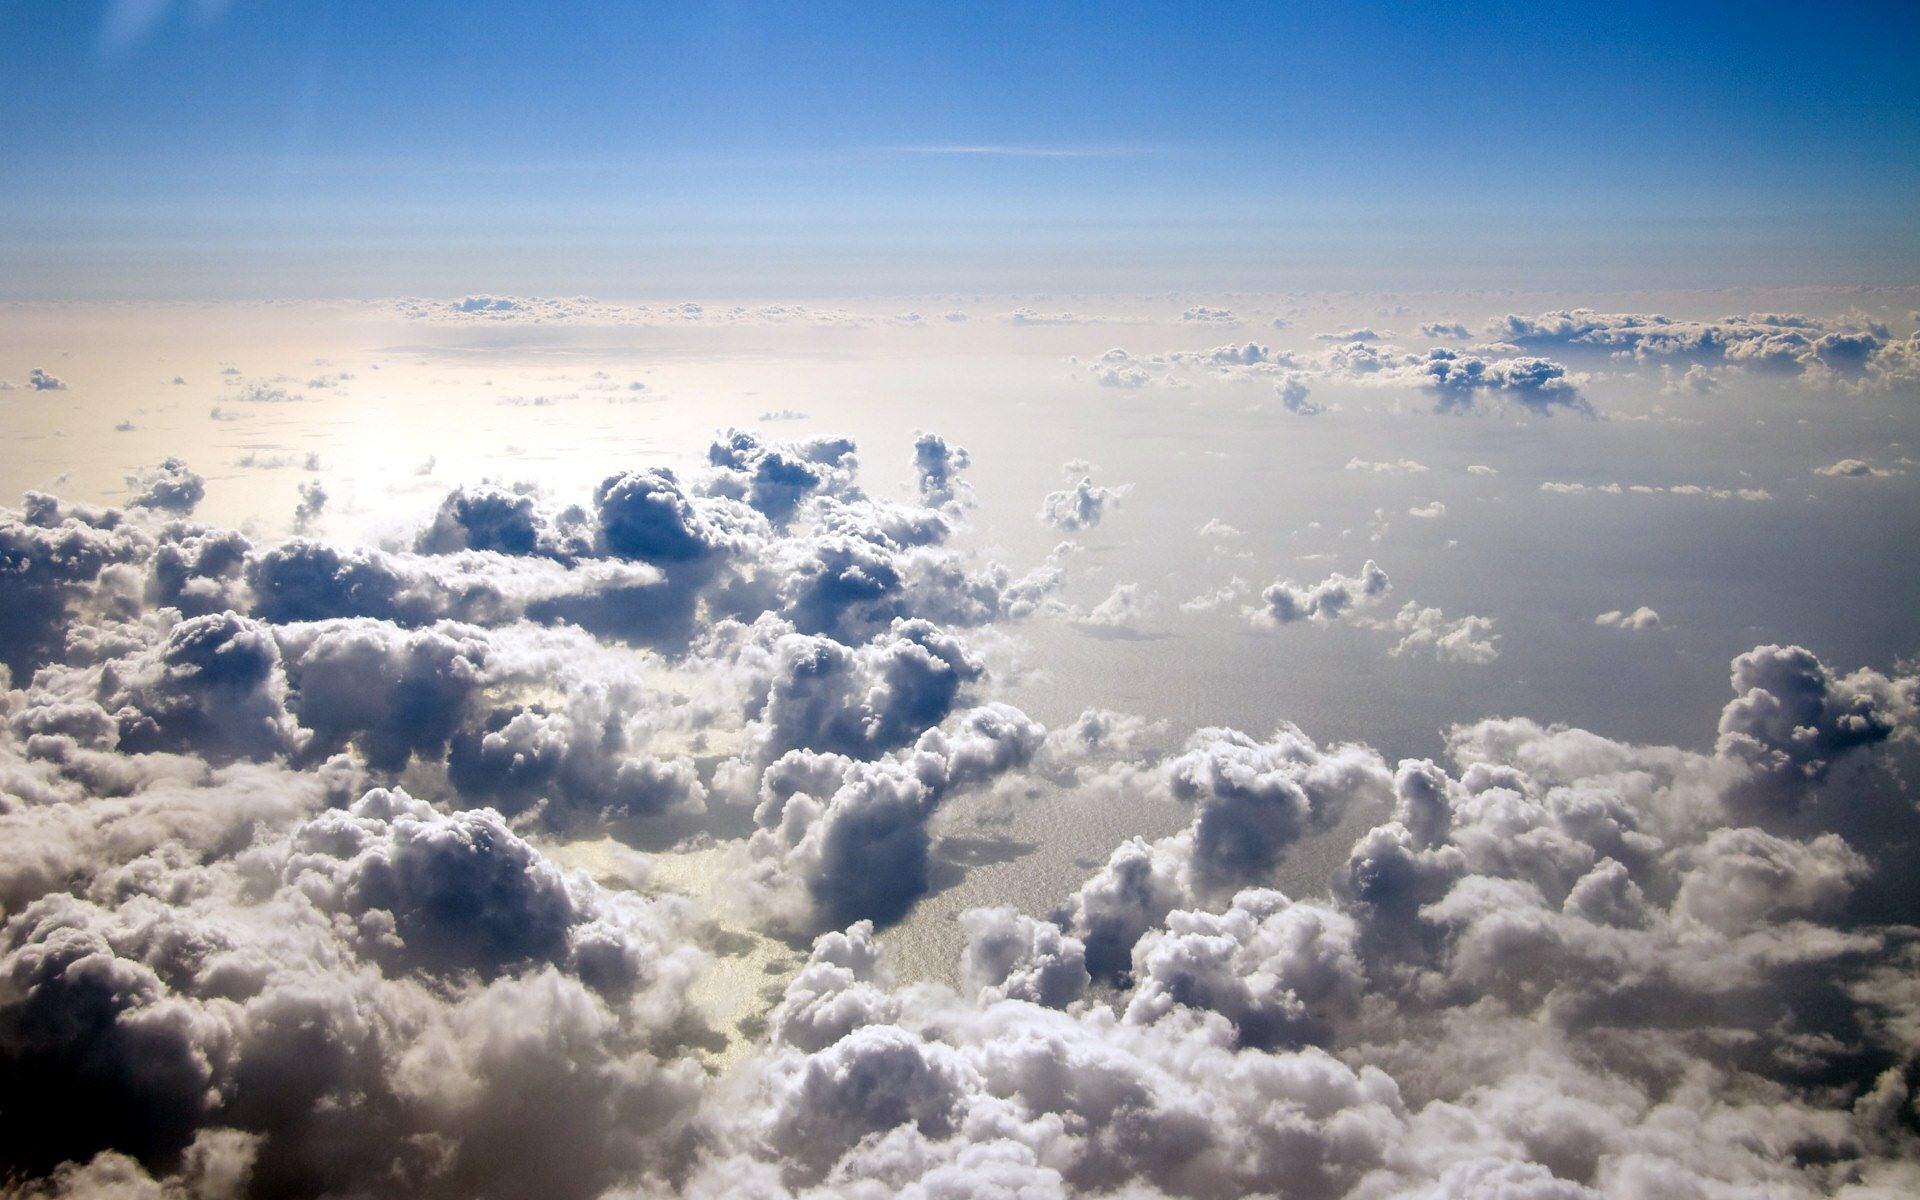 In the Clouds desktop wallpaper 1920x1200